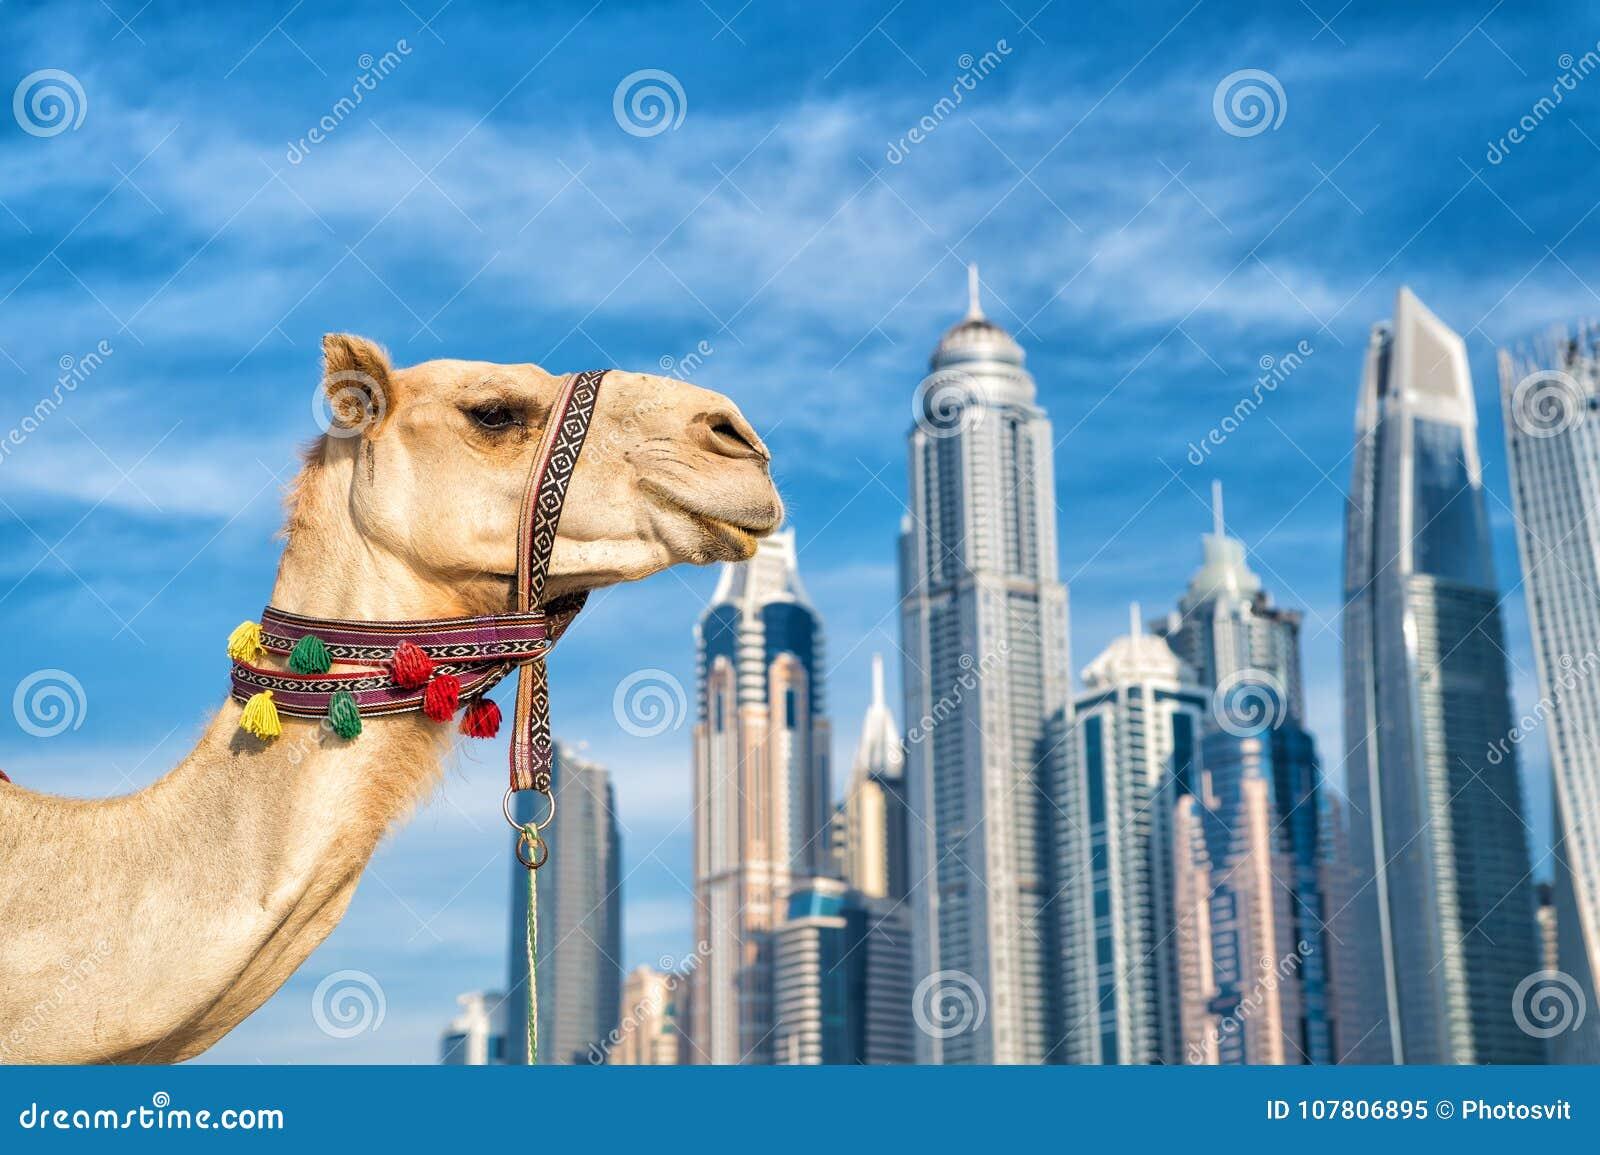 Stil för strand för marina JBR för UAE Dubai: kamel och skyskrapor modern byggnadsaffärsstil UAE-historia och modernt